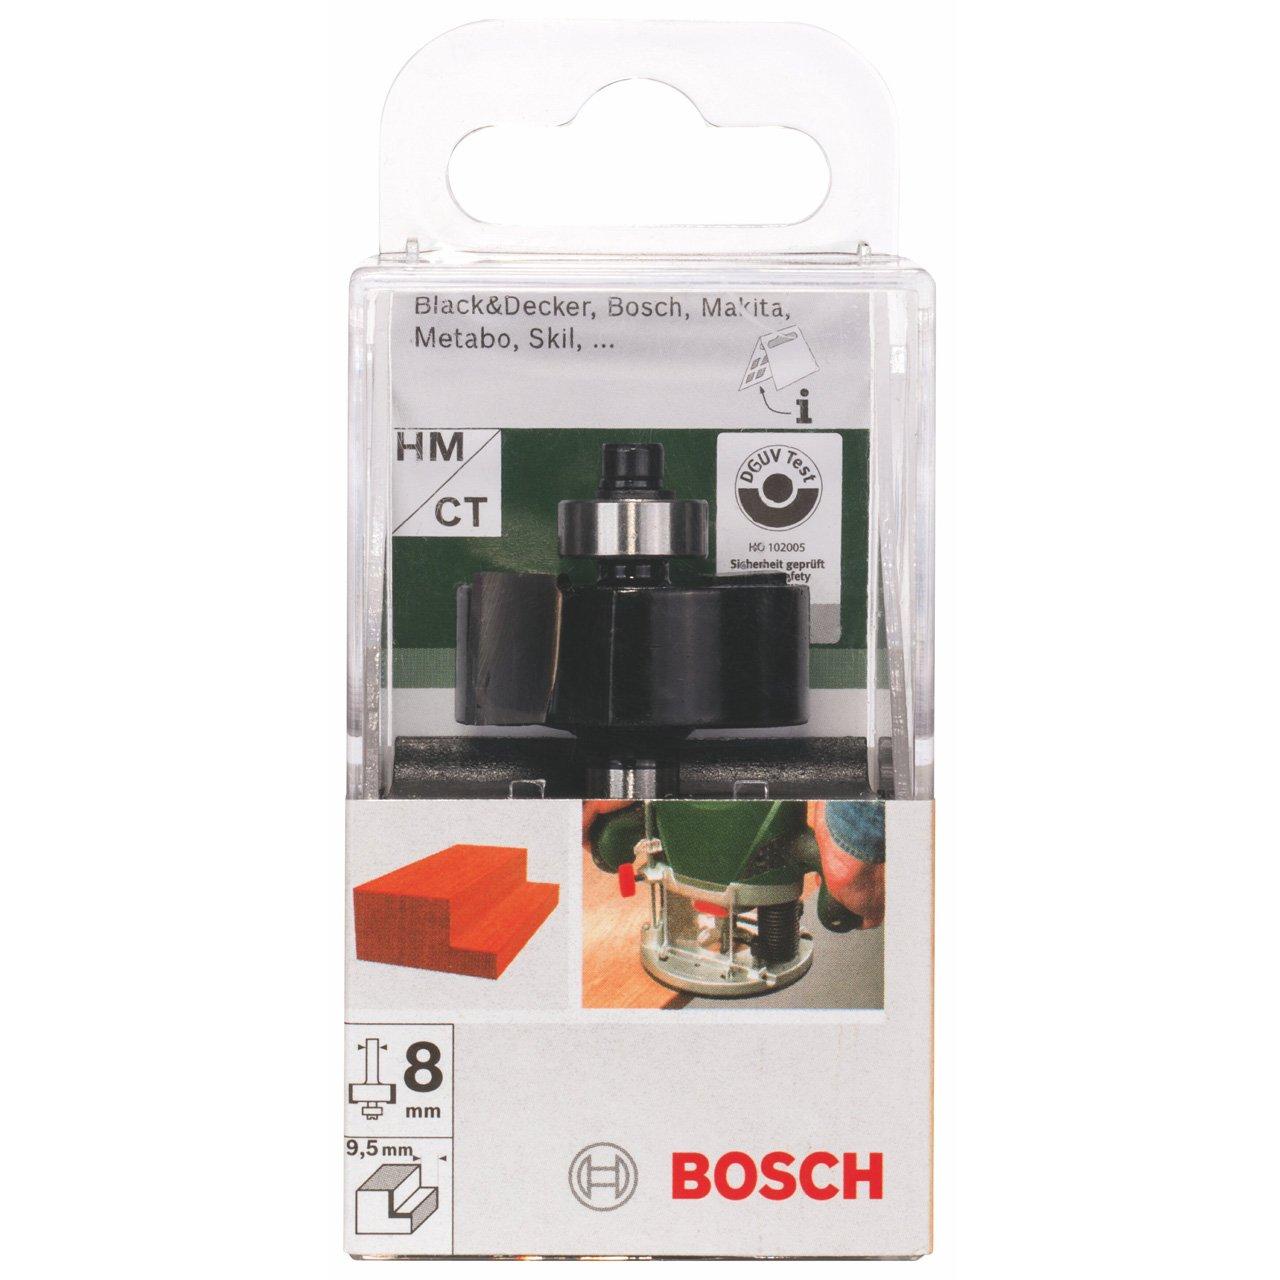 Bosch 2609256606 Fraise /à feuillurer 2 tranchants Roulement en carbure de tungst/ène Profondeur de coupe 9,5 mm Tige 8 mm